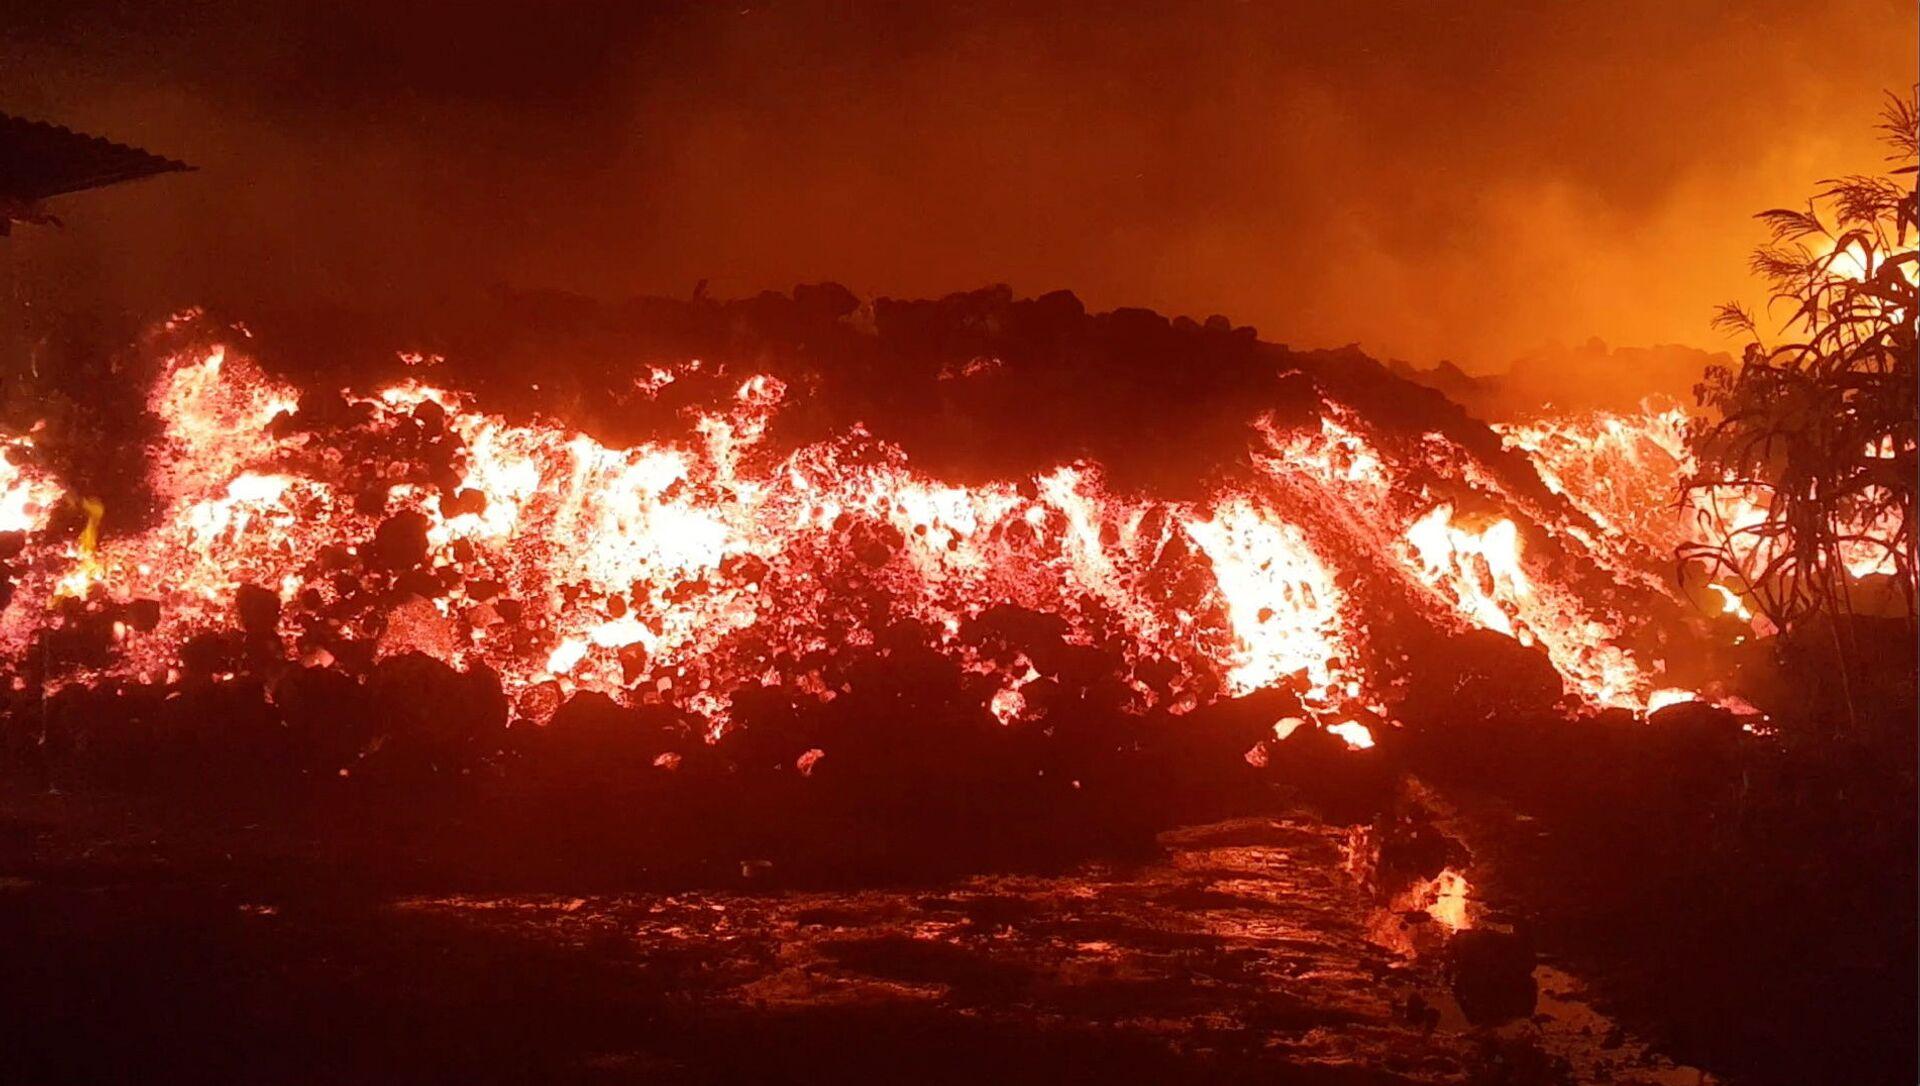 Erupcja wulkanu Nyiragongo w Demokratycznej Republice Konga. - Sputnik Polska, 1920, 23.05.2021